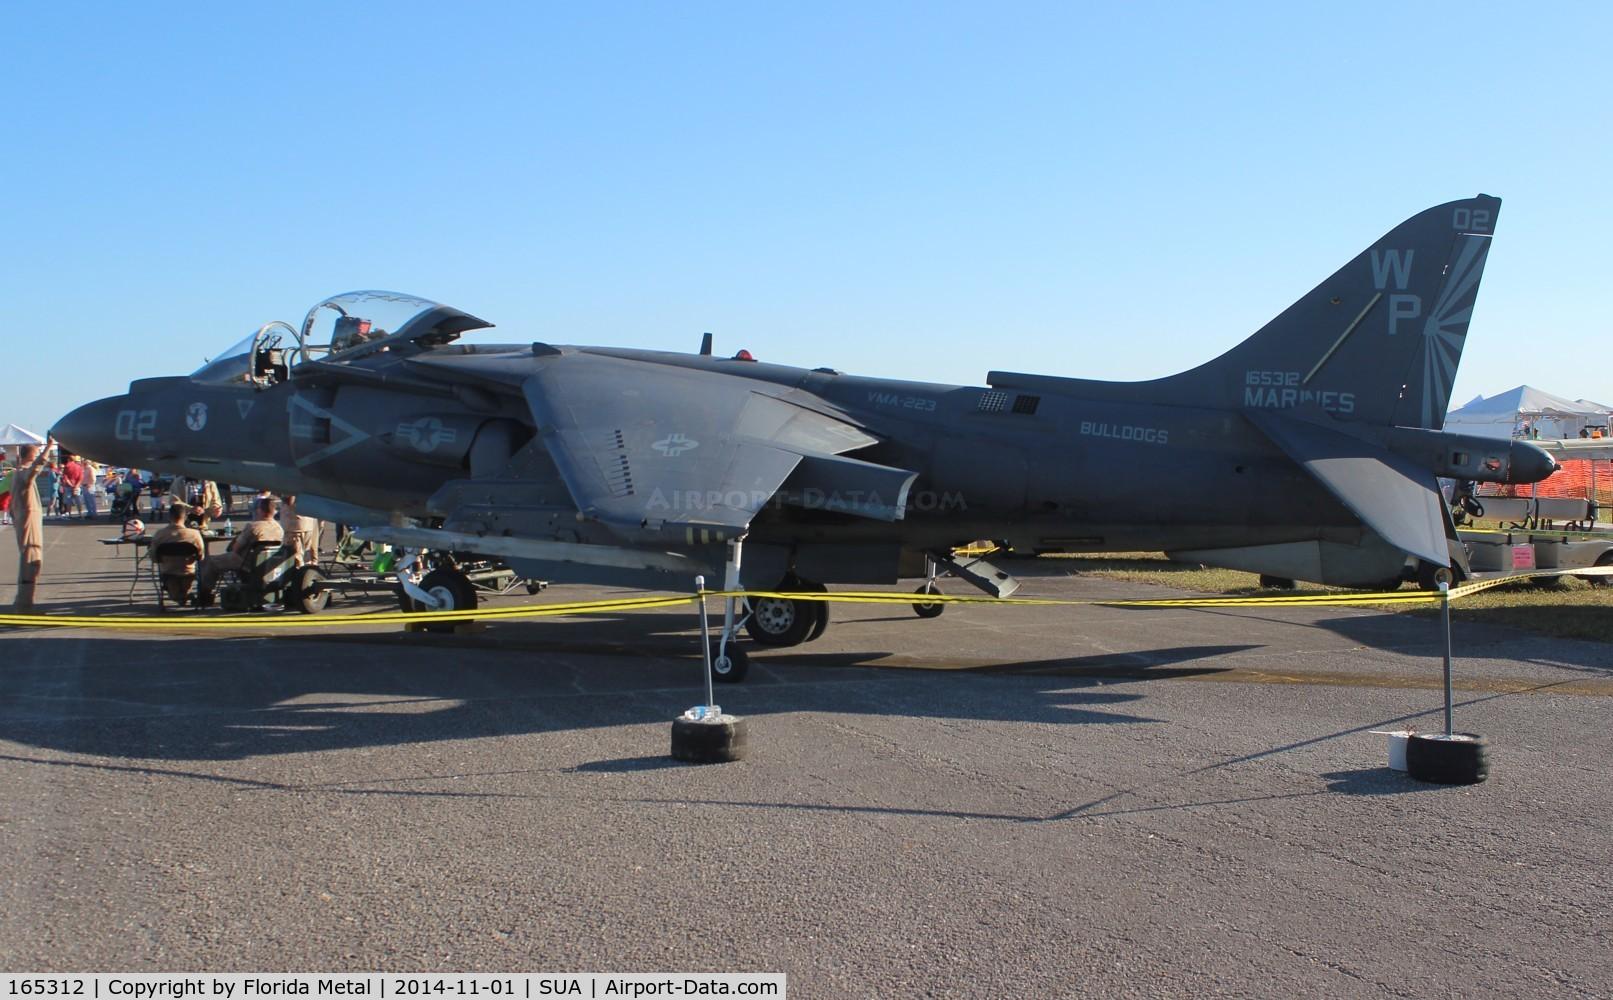 165312, Boeing AV-8B+(R)-24-MC C/N 270, AV-8B